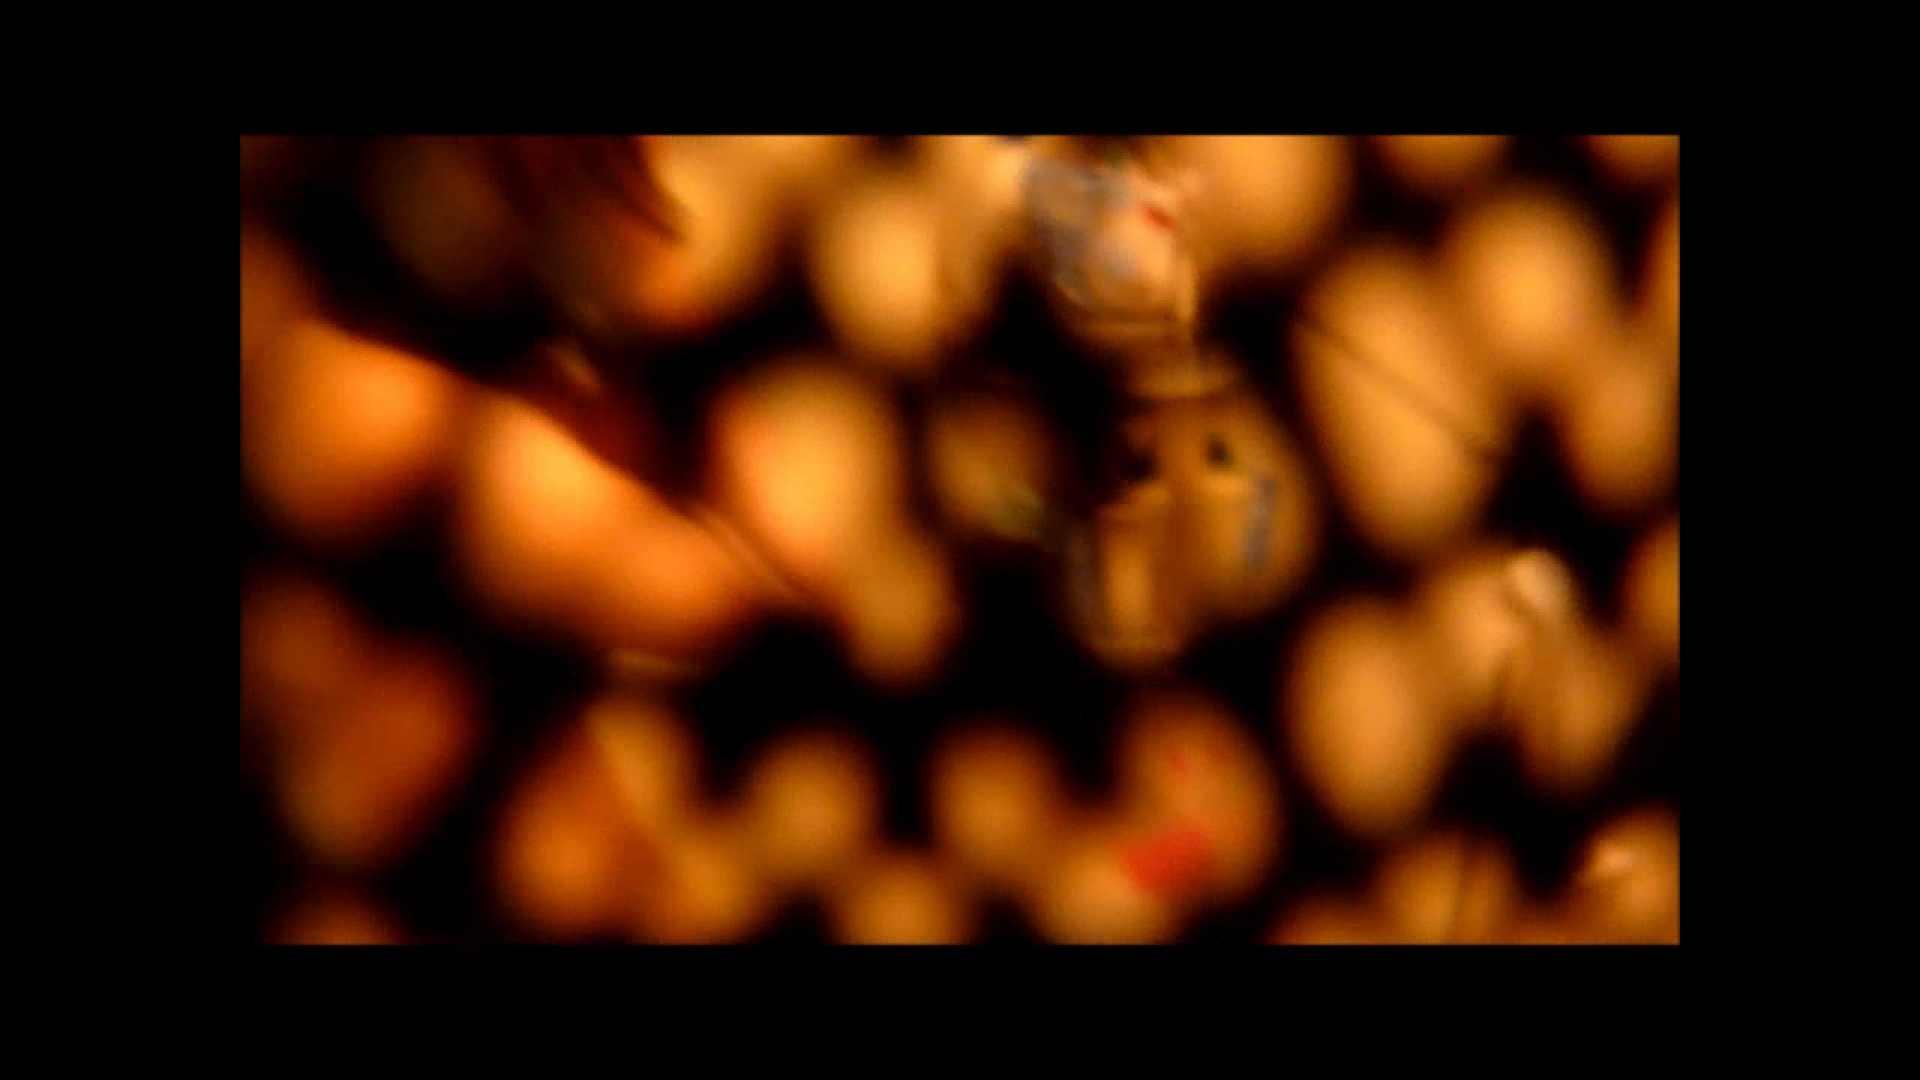 【02】ベランダに侵入して張り込みを始めて・・・やっと結果が出ました。 覗き ヌード画像 79pic 9